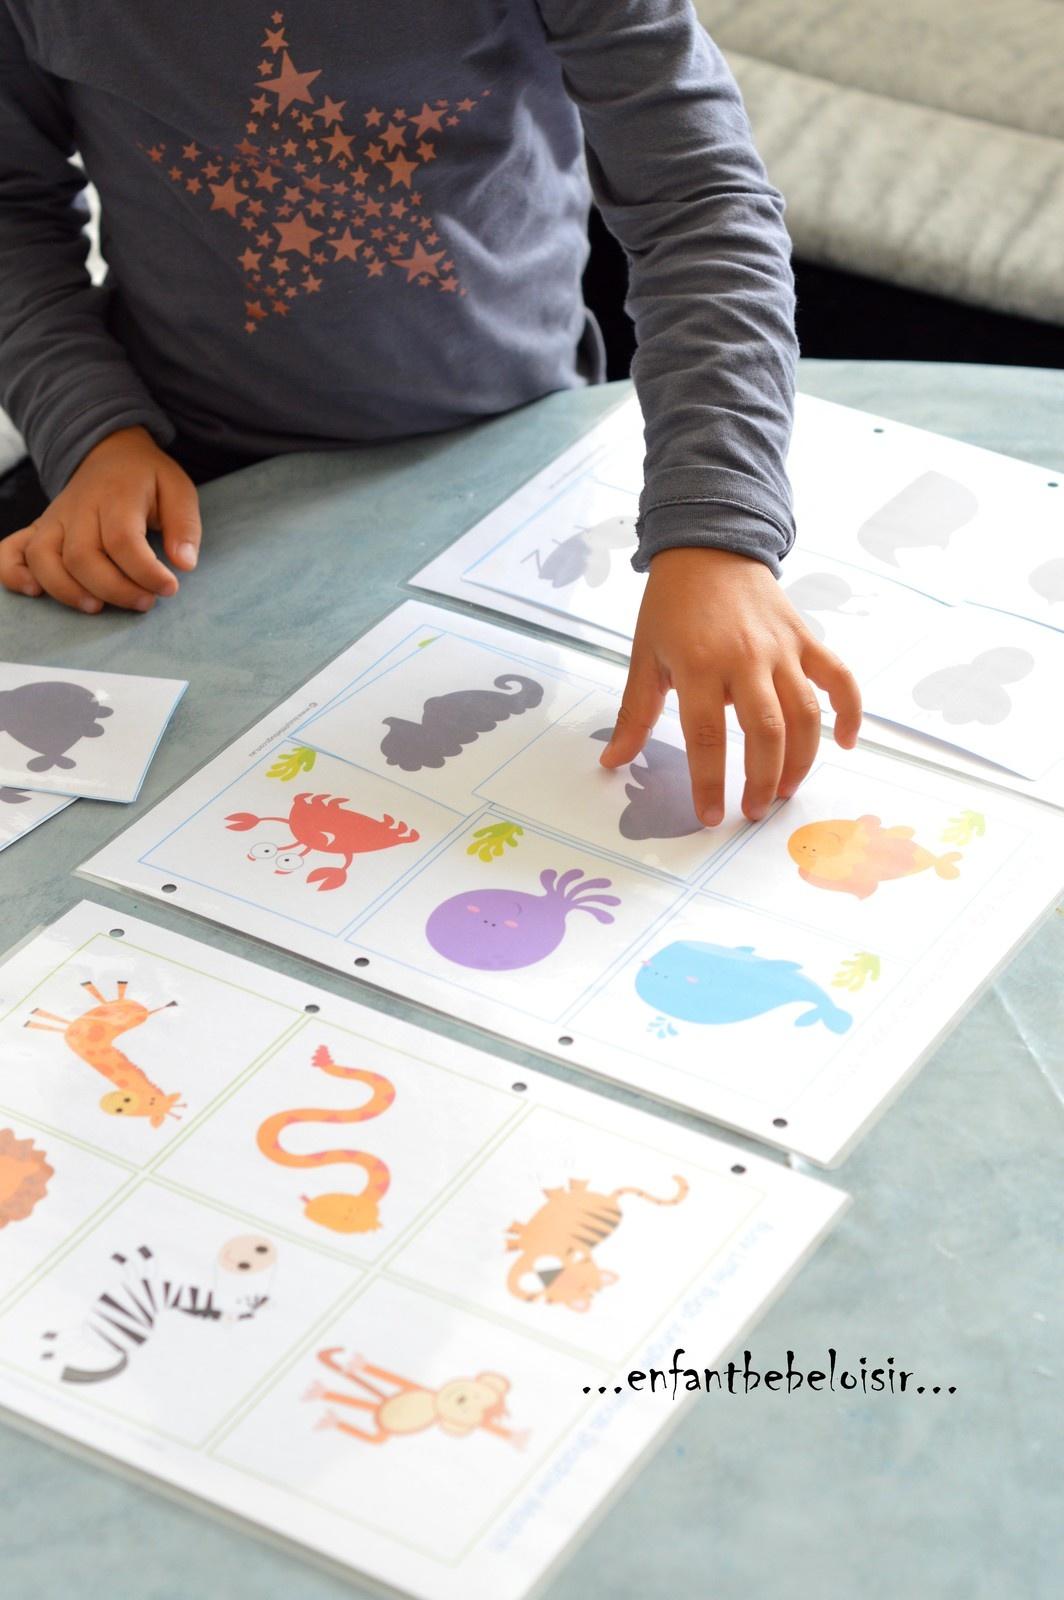 Jeu D'ombres À Imprimer Et Plastifier - Enfant Bébé Loisir dedans Jeux Educatif Maternelle Moyenne Section